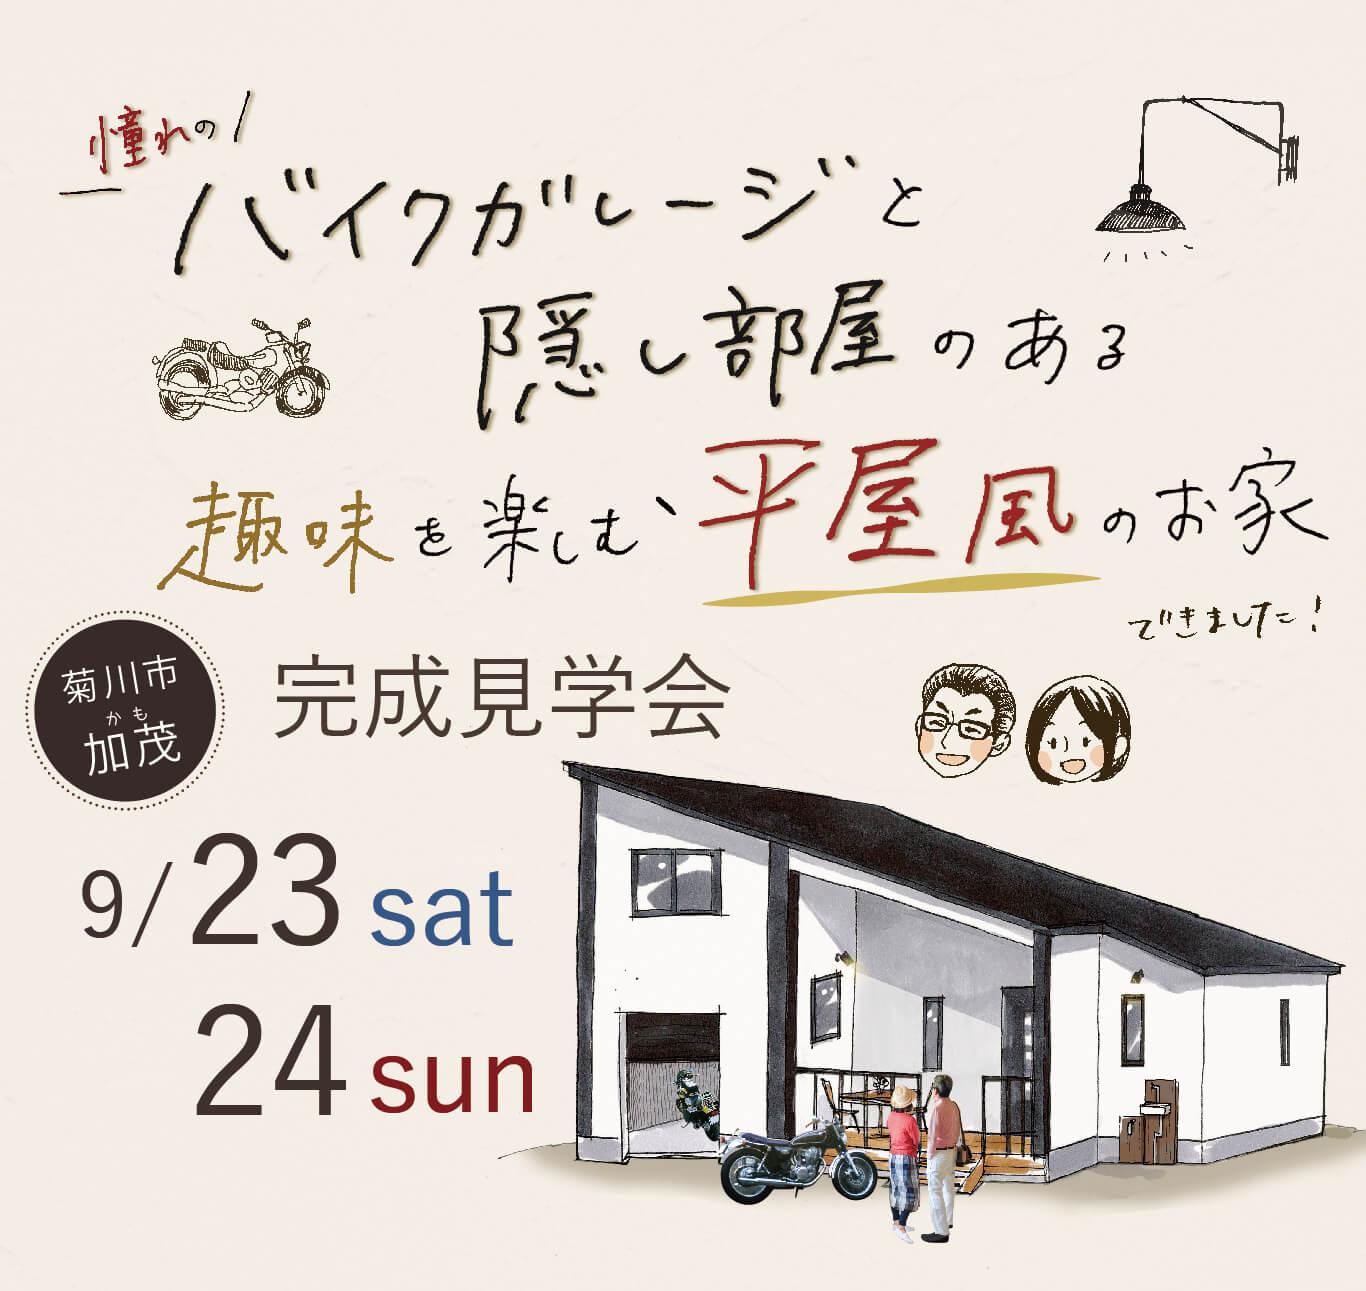 【開催しました♪】完成見学会9月23日24日(土日) 菊川市加茂U様邸